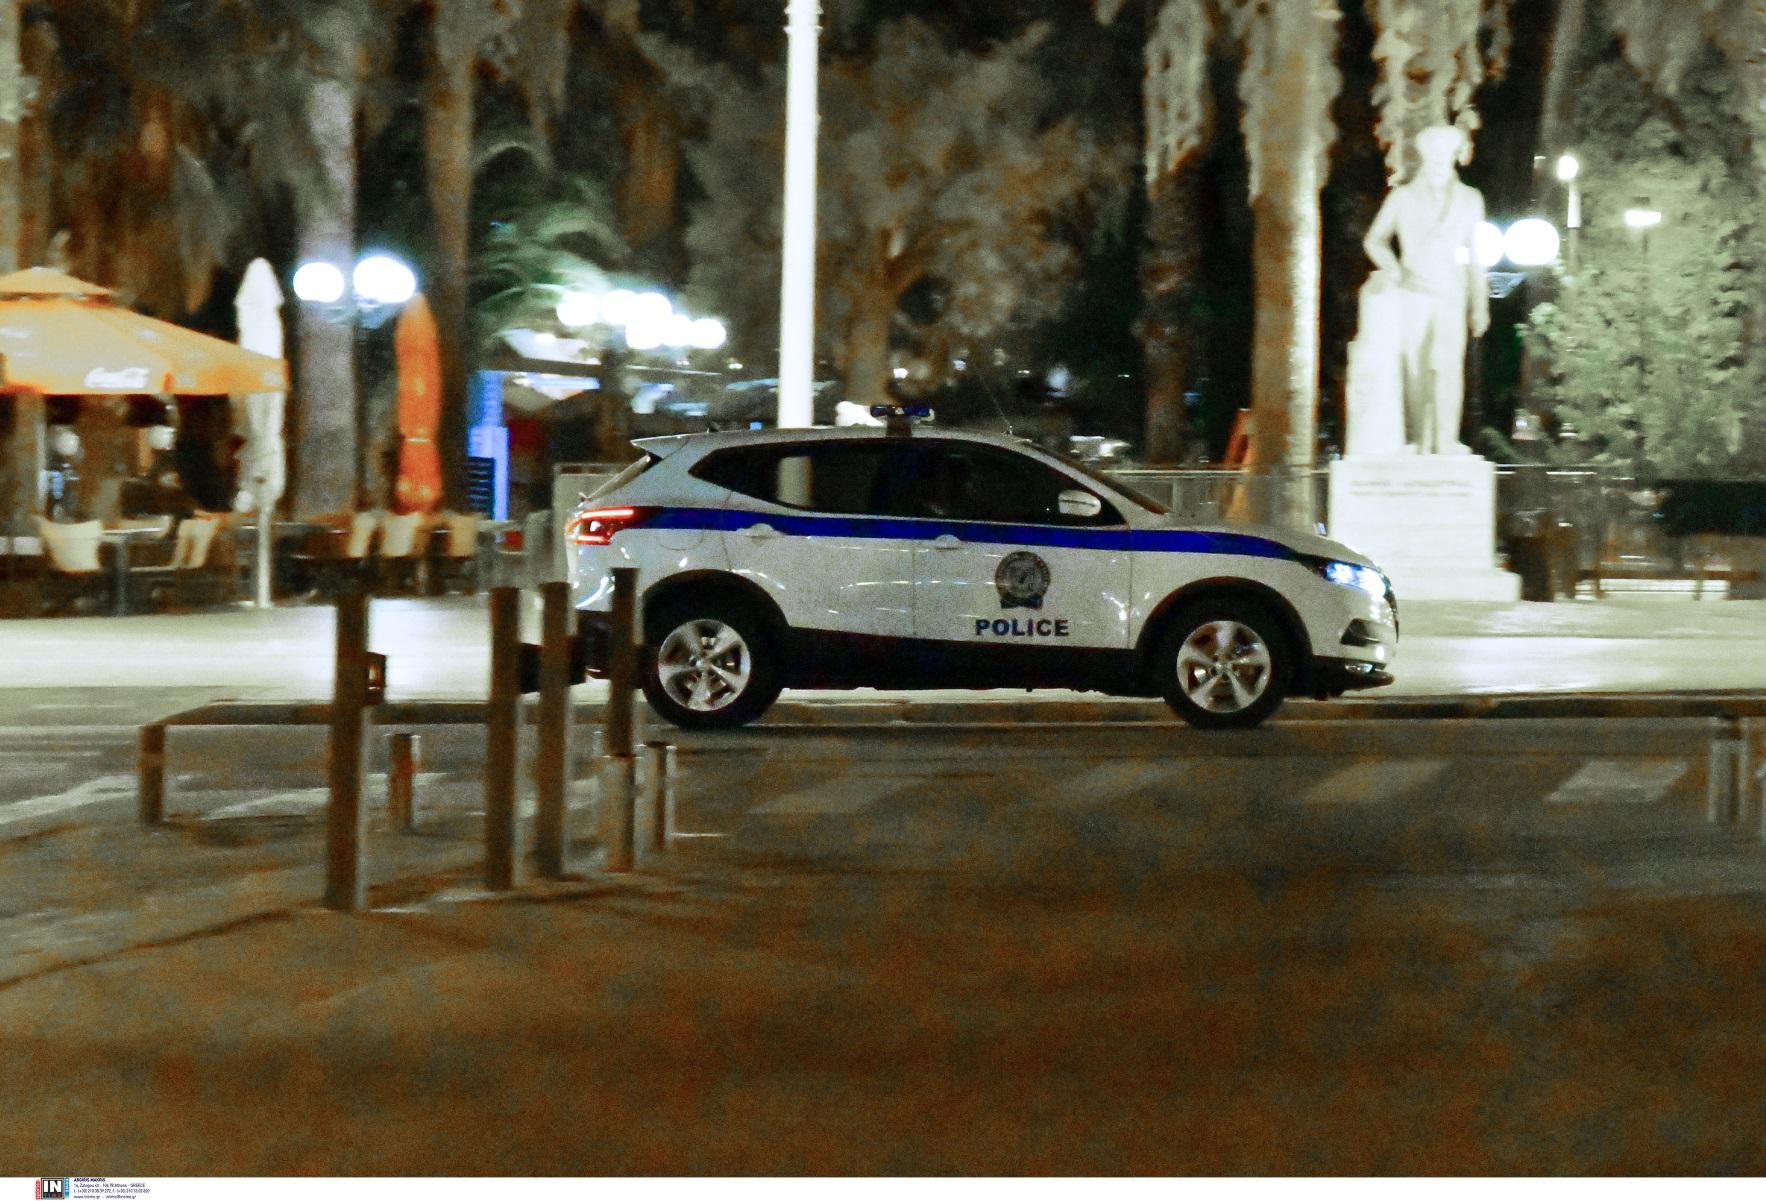 Ληστής με ραβασάκι στην Θεσσαλονίκη: Ελεύθερος με περιοριστικούς όρους